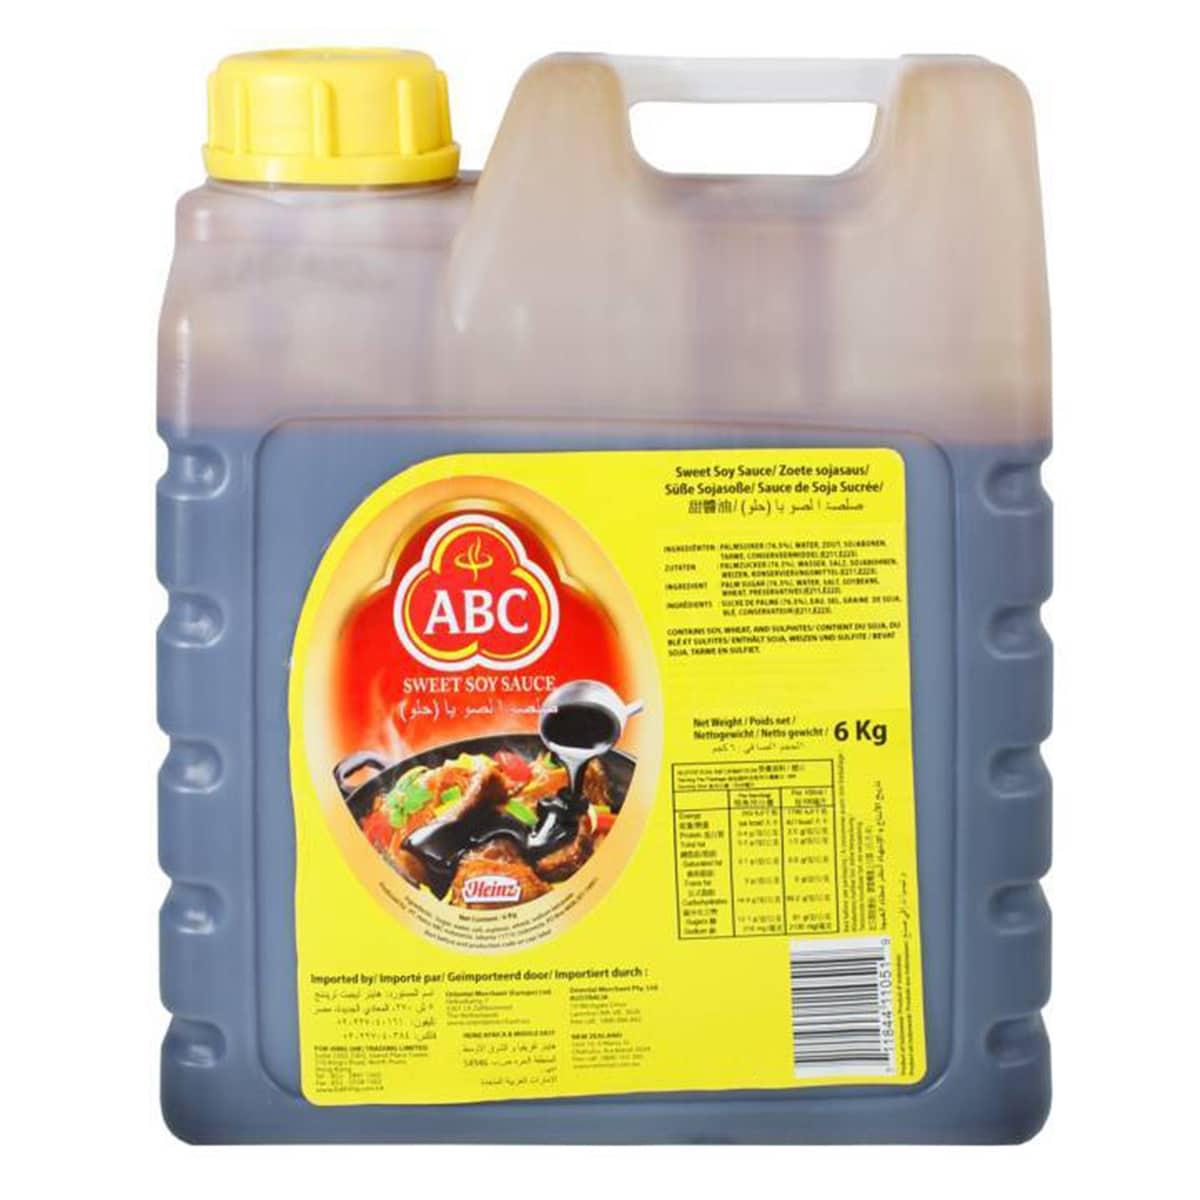 Buy ABC Sweet Soy Sauce (Kecap Manis) - 6 kg